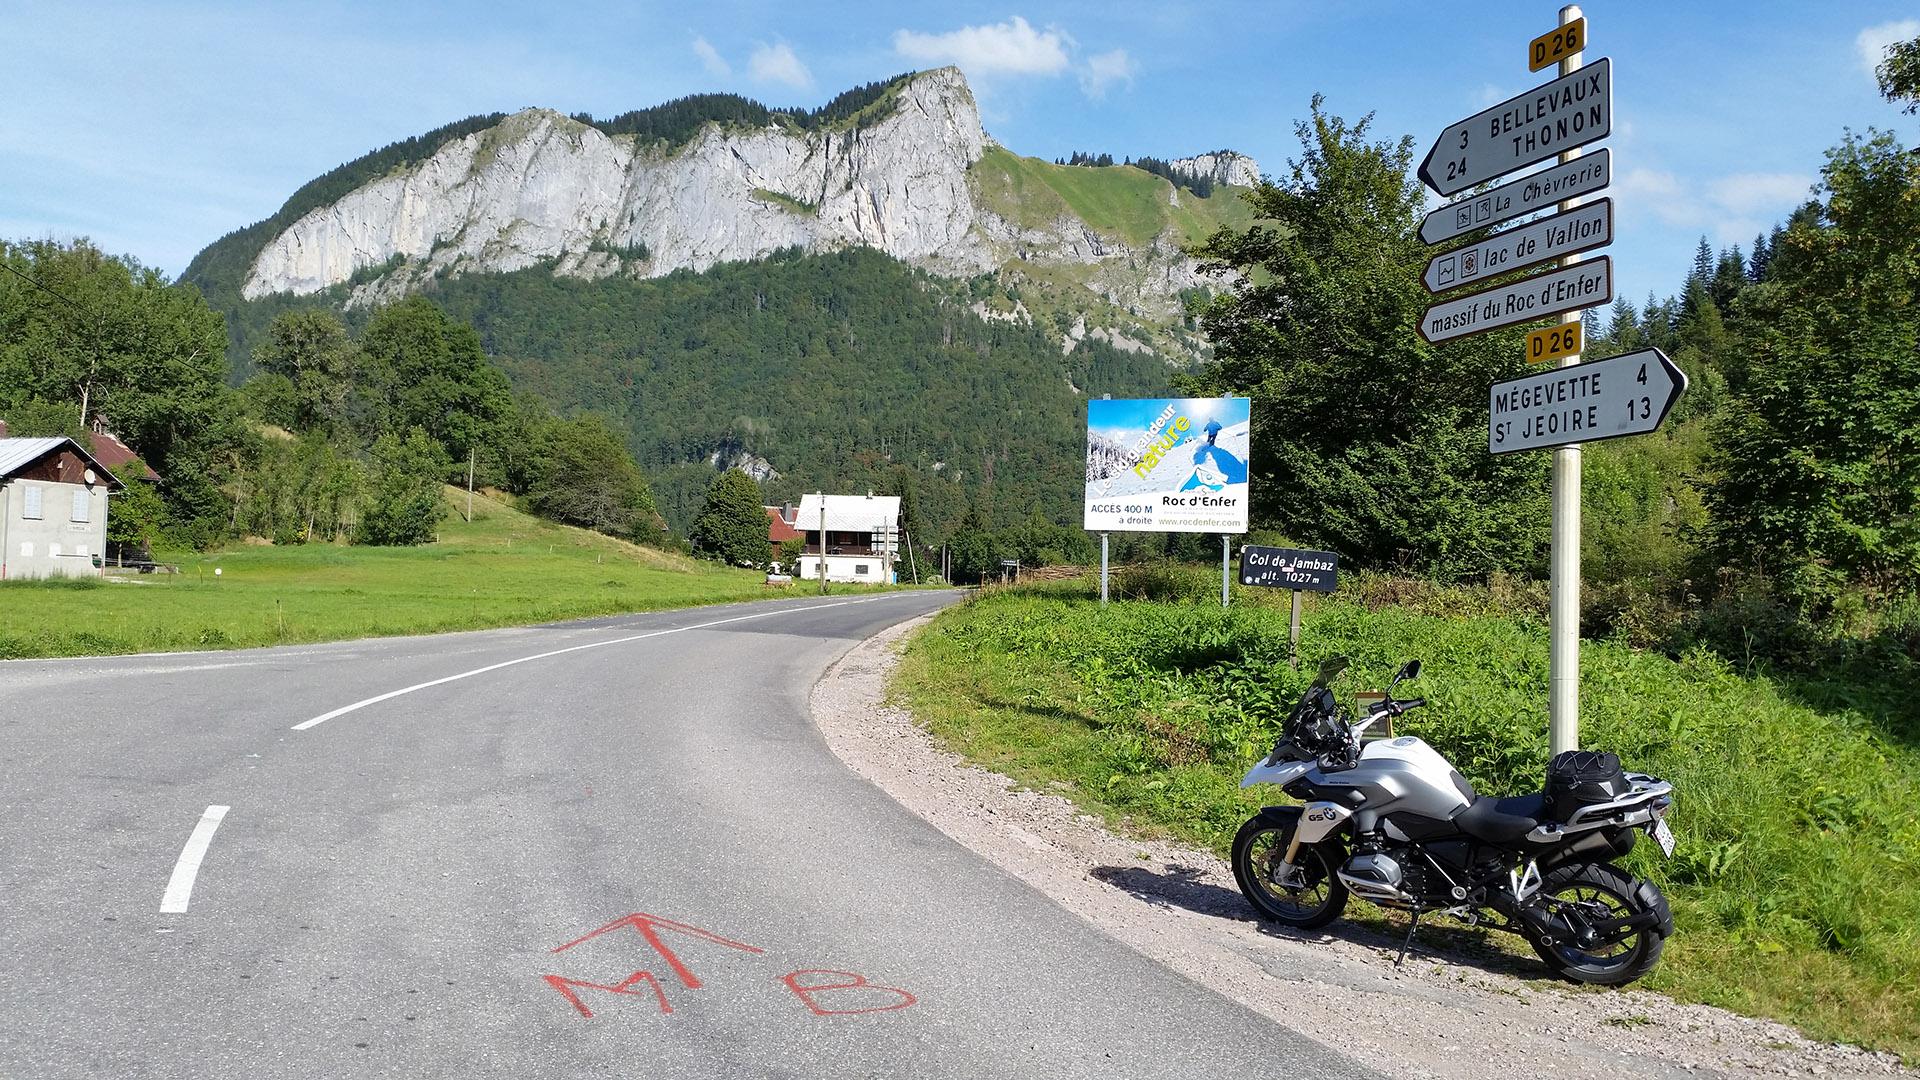 1027 - F - Col de Jambaz